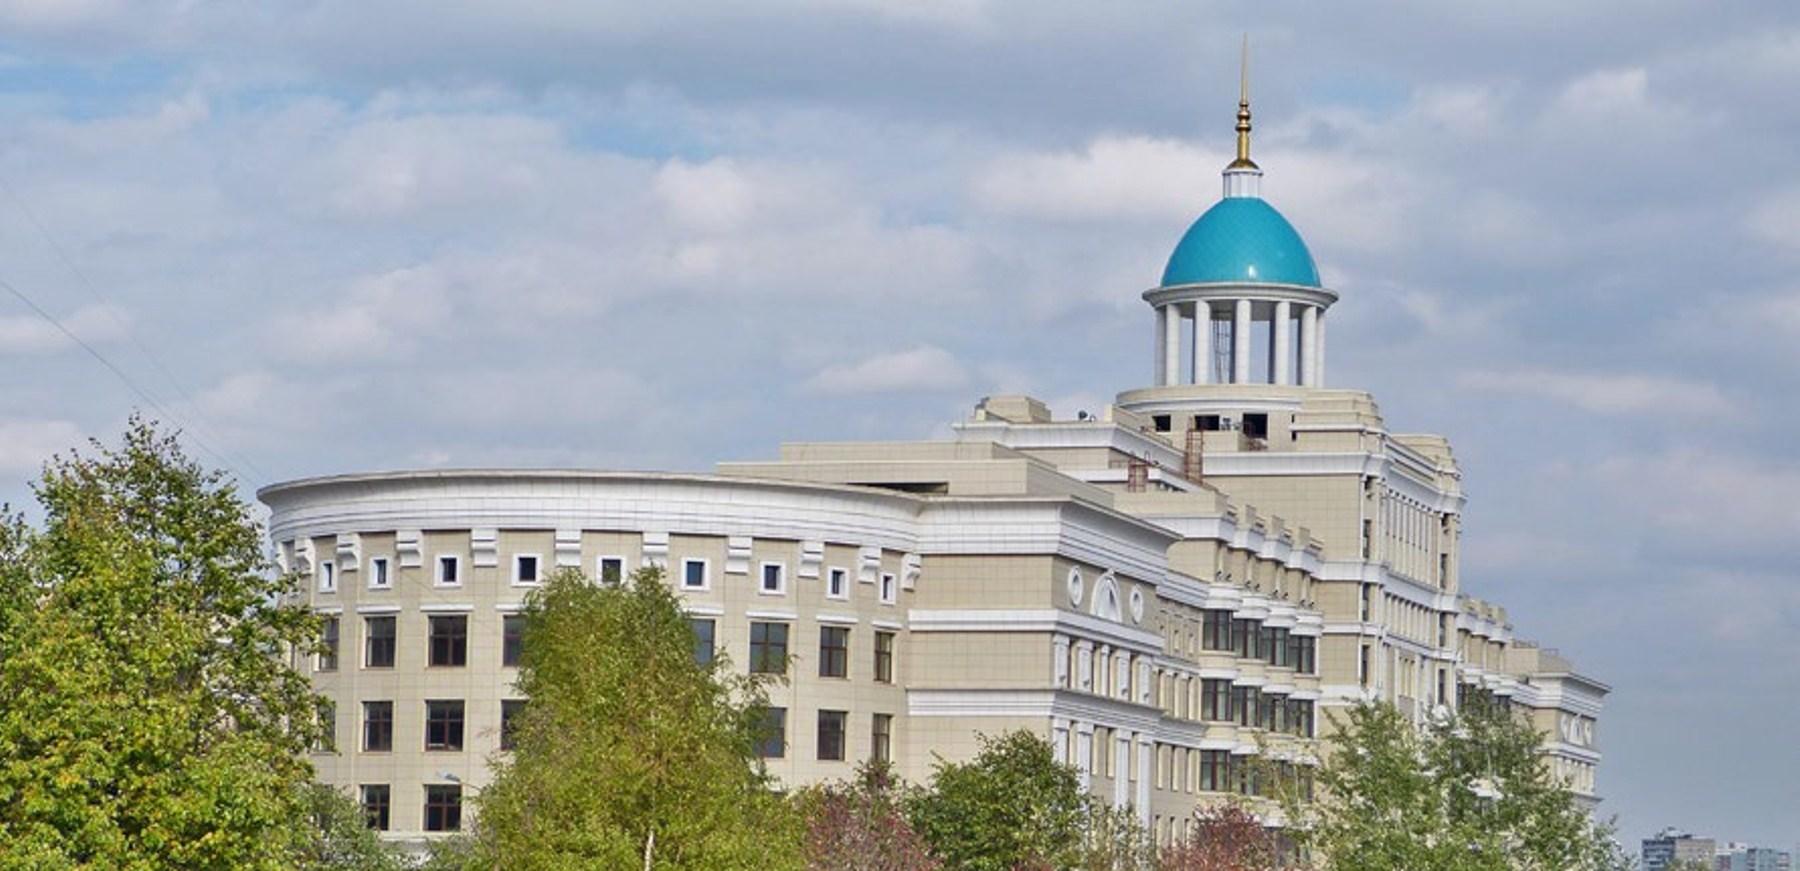 Федеральное государственное казенное образовательное учреждение высшего образования Академия Федеральной службы безопасности Российской Федерации